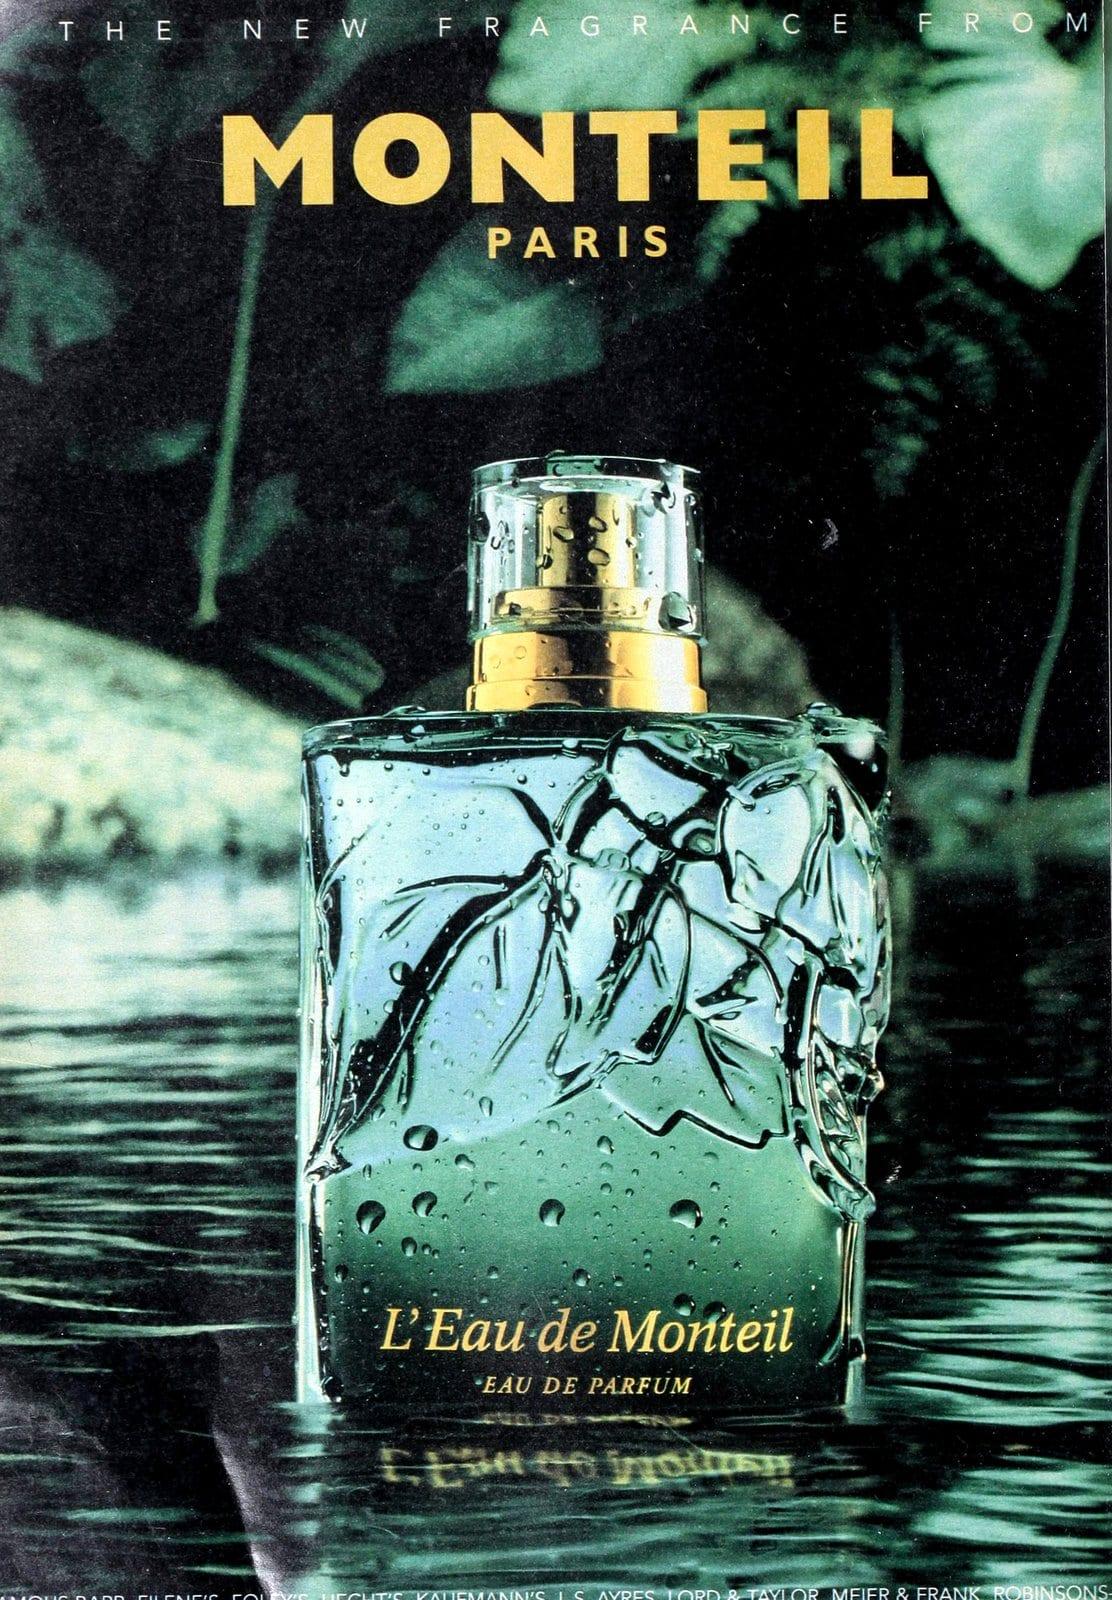 L'Eau de Monteil parfum (1995) at ClickAmericana.com